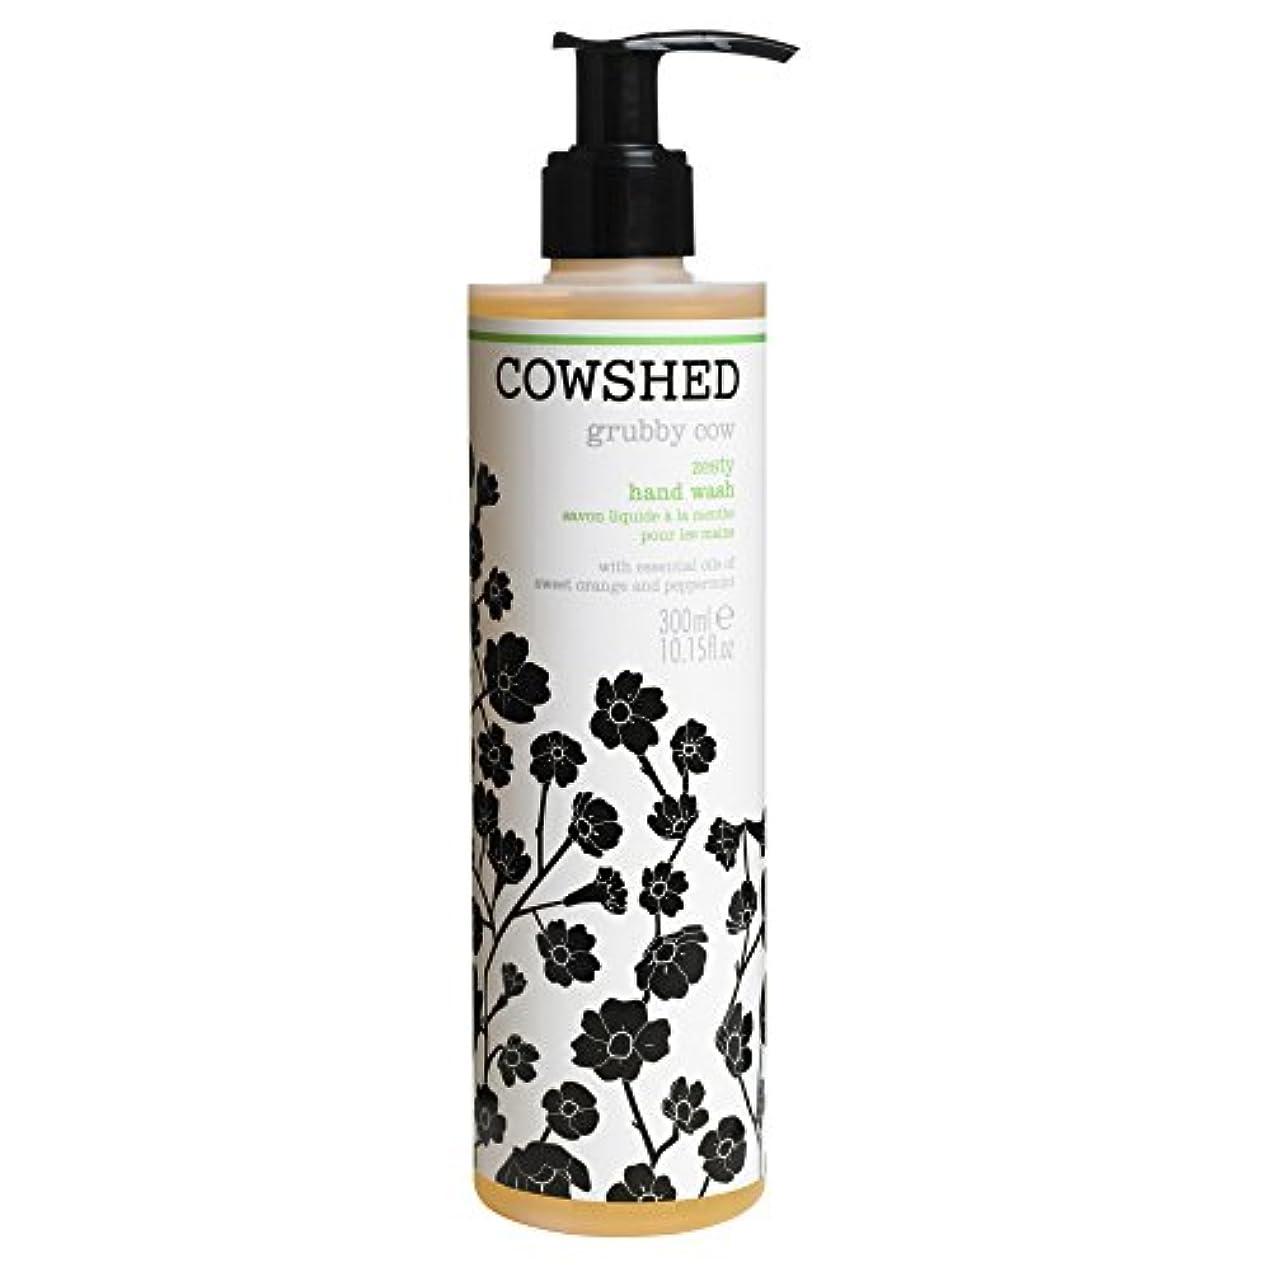 最適疑い者非難牛舎汚い牛ピリッハンドウォッシュ300ミリリットル (Cowshed) (x2) - Cowshed Grubby Cow Zesty Hand Wash 300ml (Pack of 2) [並行輸入品]